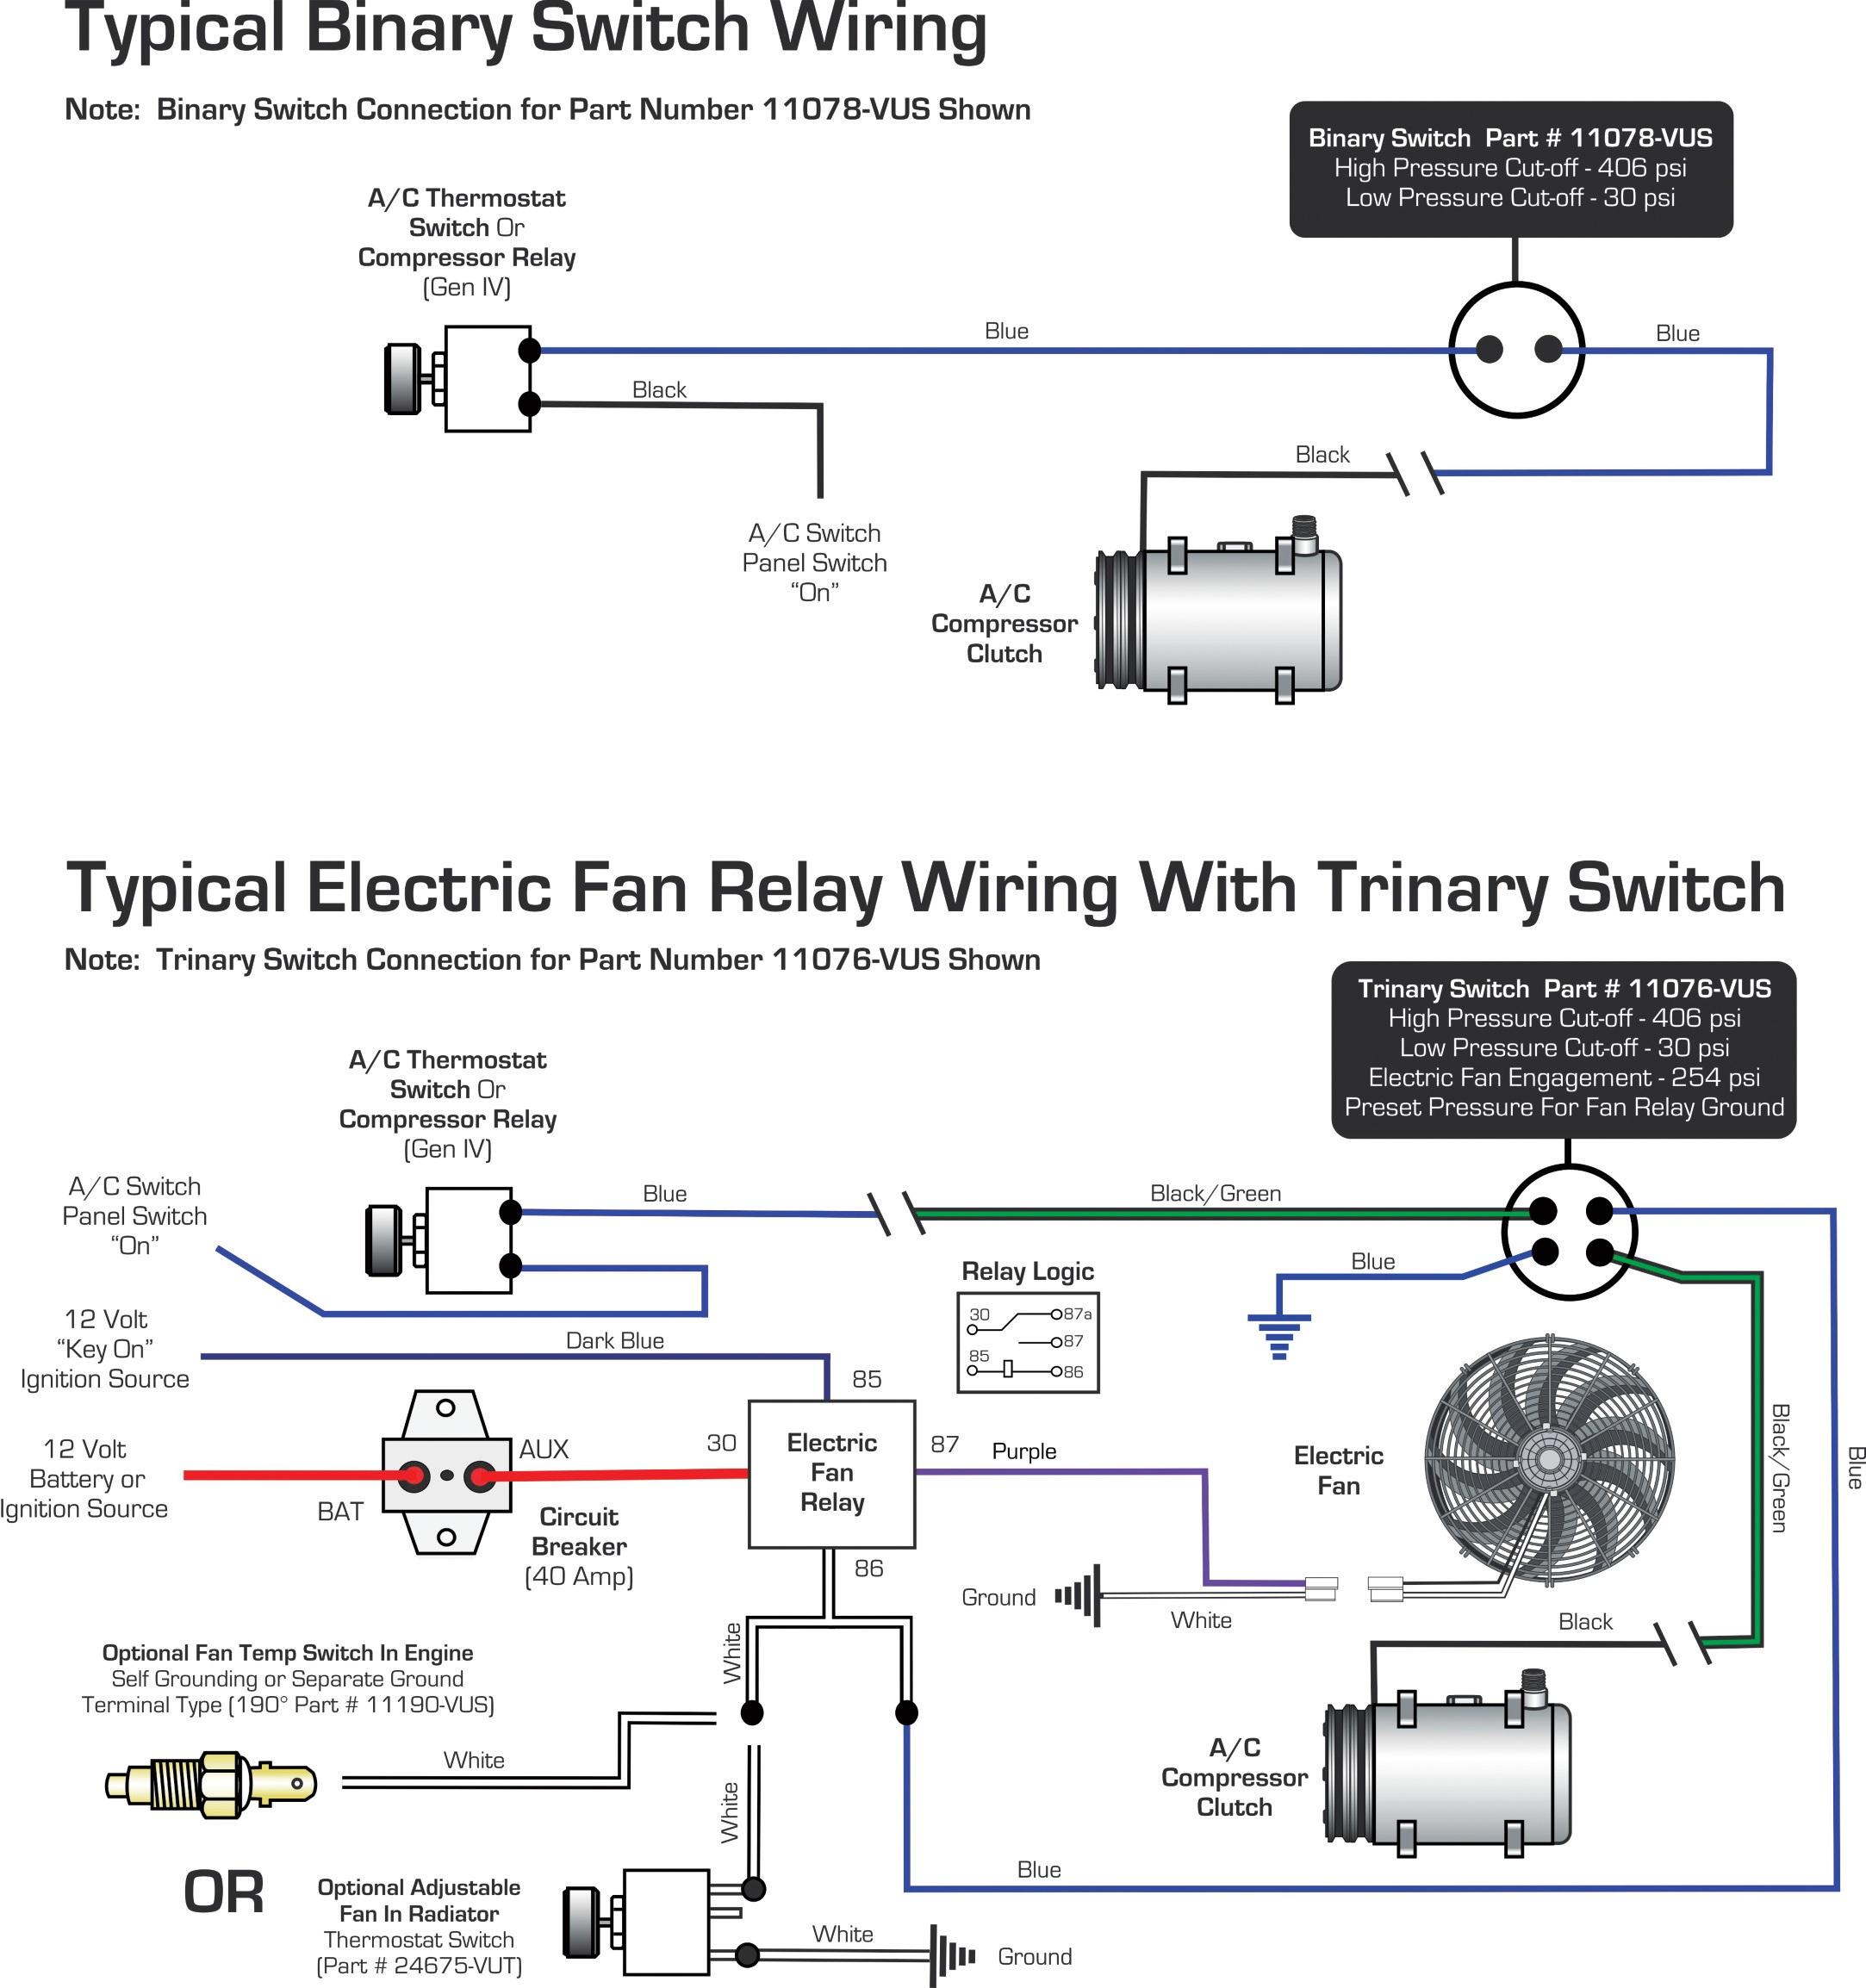 Vintage Air » Blog Archive Wiring Diagrams Binary Switch / Trinary - Vintage Air Wiring Diagram